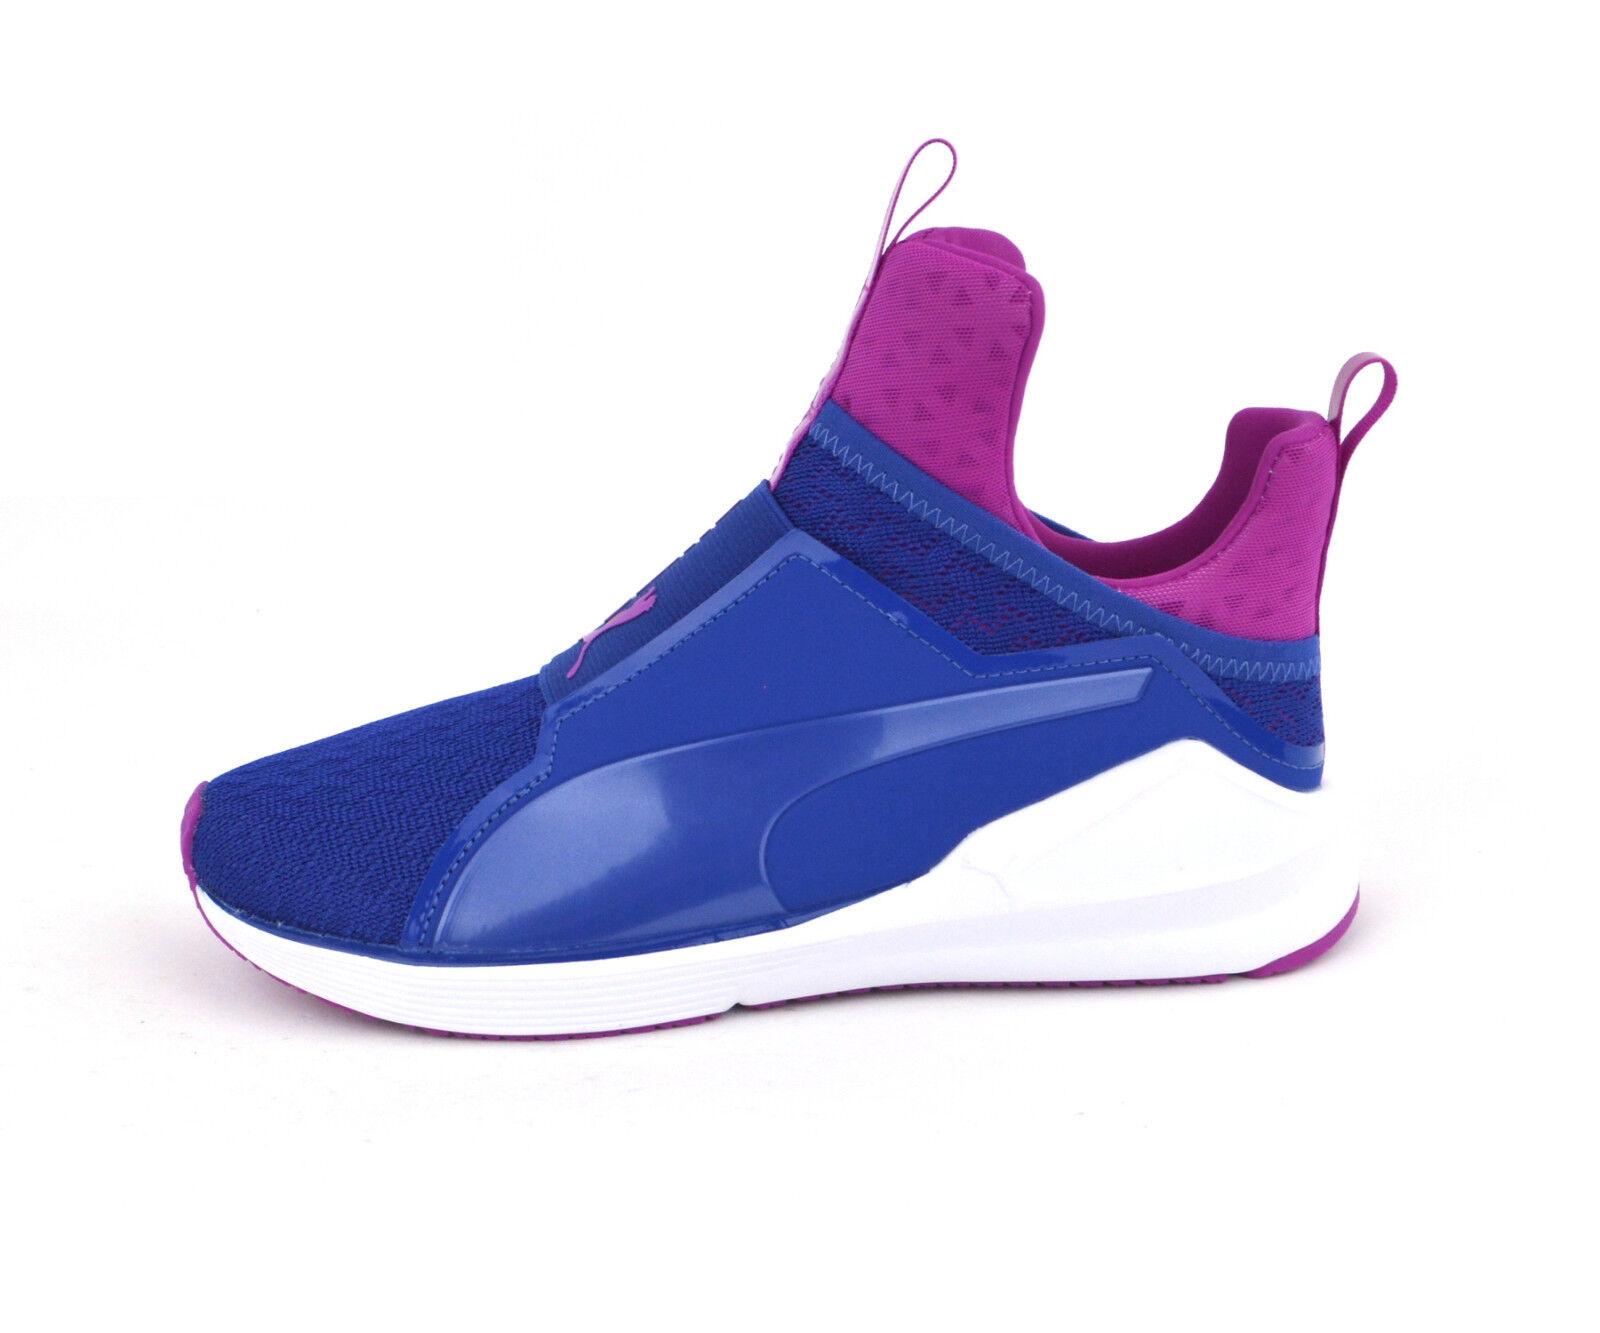 Puma féroce ENG MESH-Chaussures Femme Baskets Baskets Baskets - 189417 06-True Blue-Neuf 803390